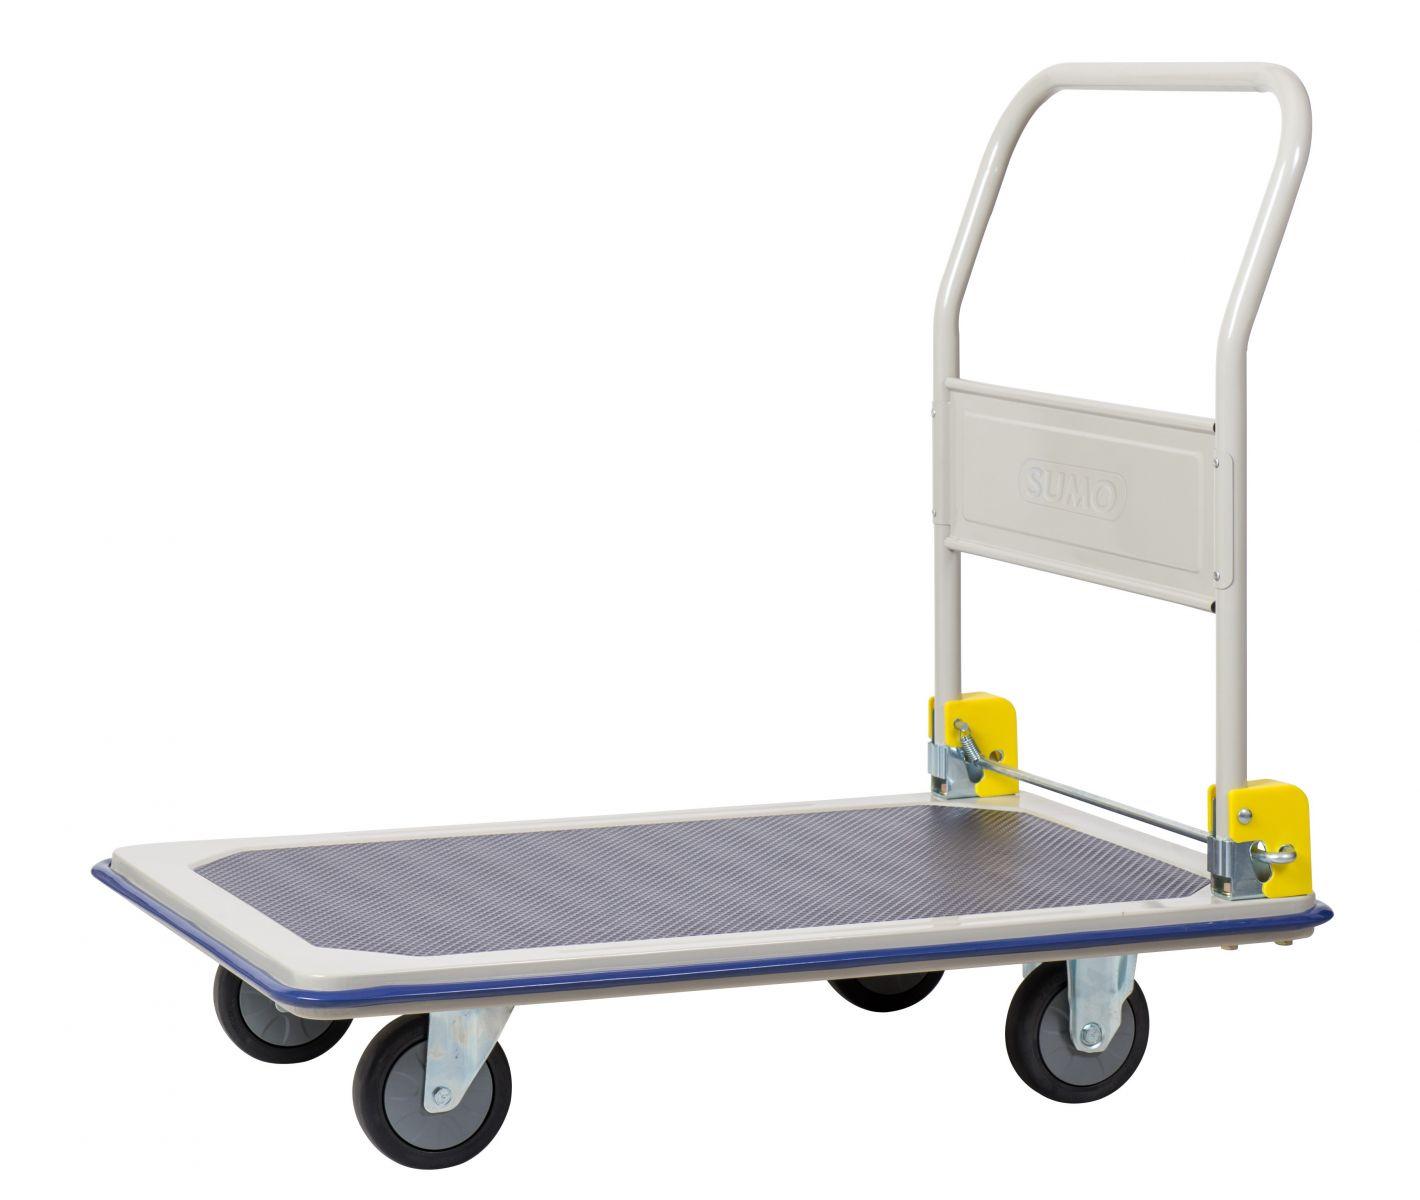 Lựa chọn xe đẩy hàng có thiết kế phù hợp với hàng hóa vận chuyển